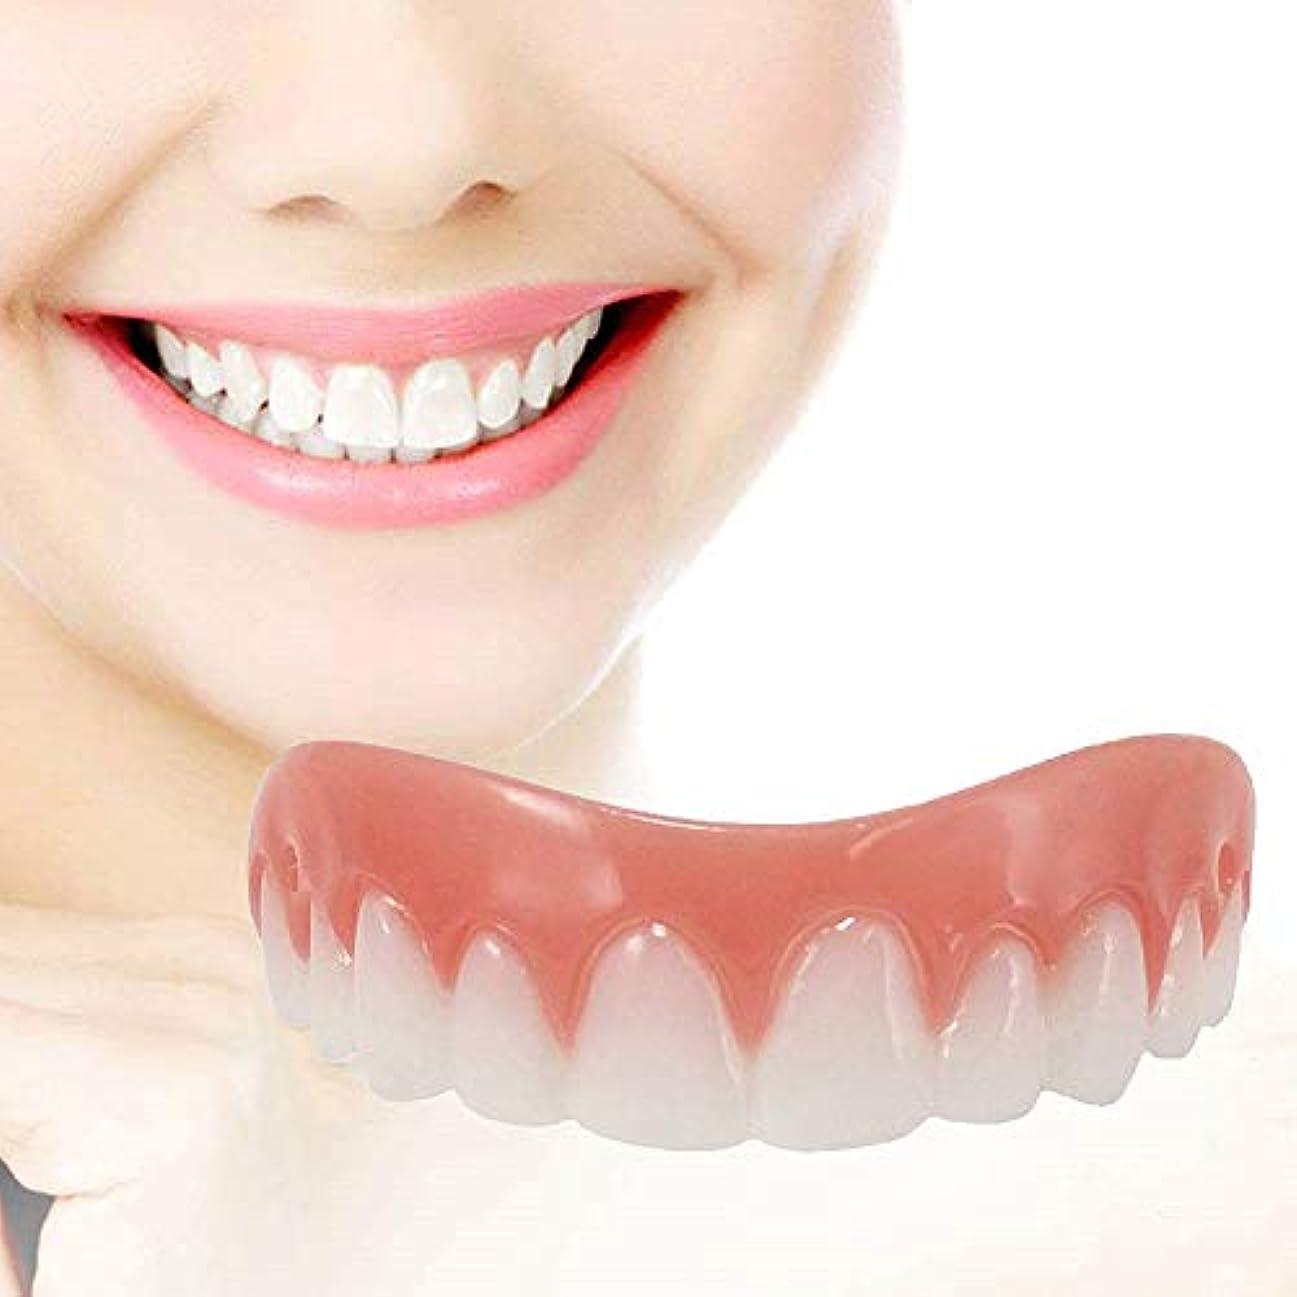 講義それに応じて回転する女性、人のために白くなる即刻のベニヤの義歯の微笑の慰めの適合の屈曲の化粧品の偽歯